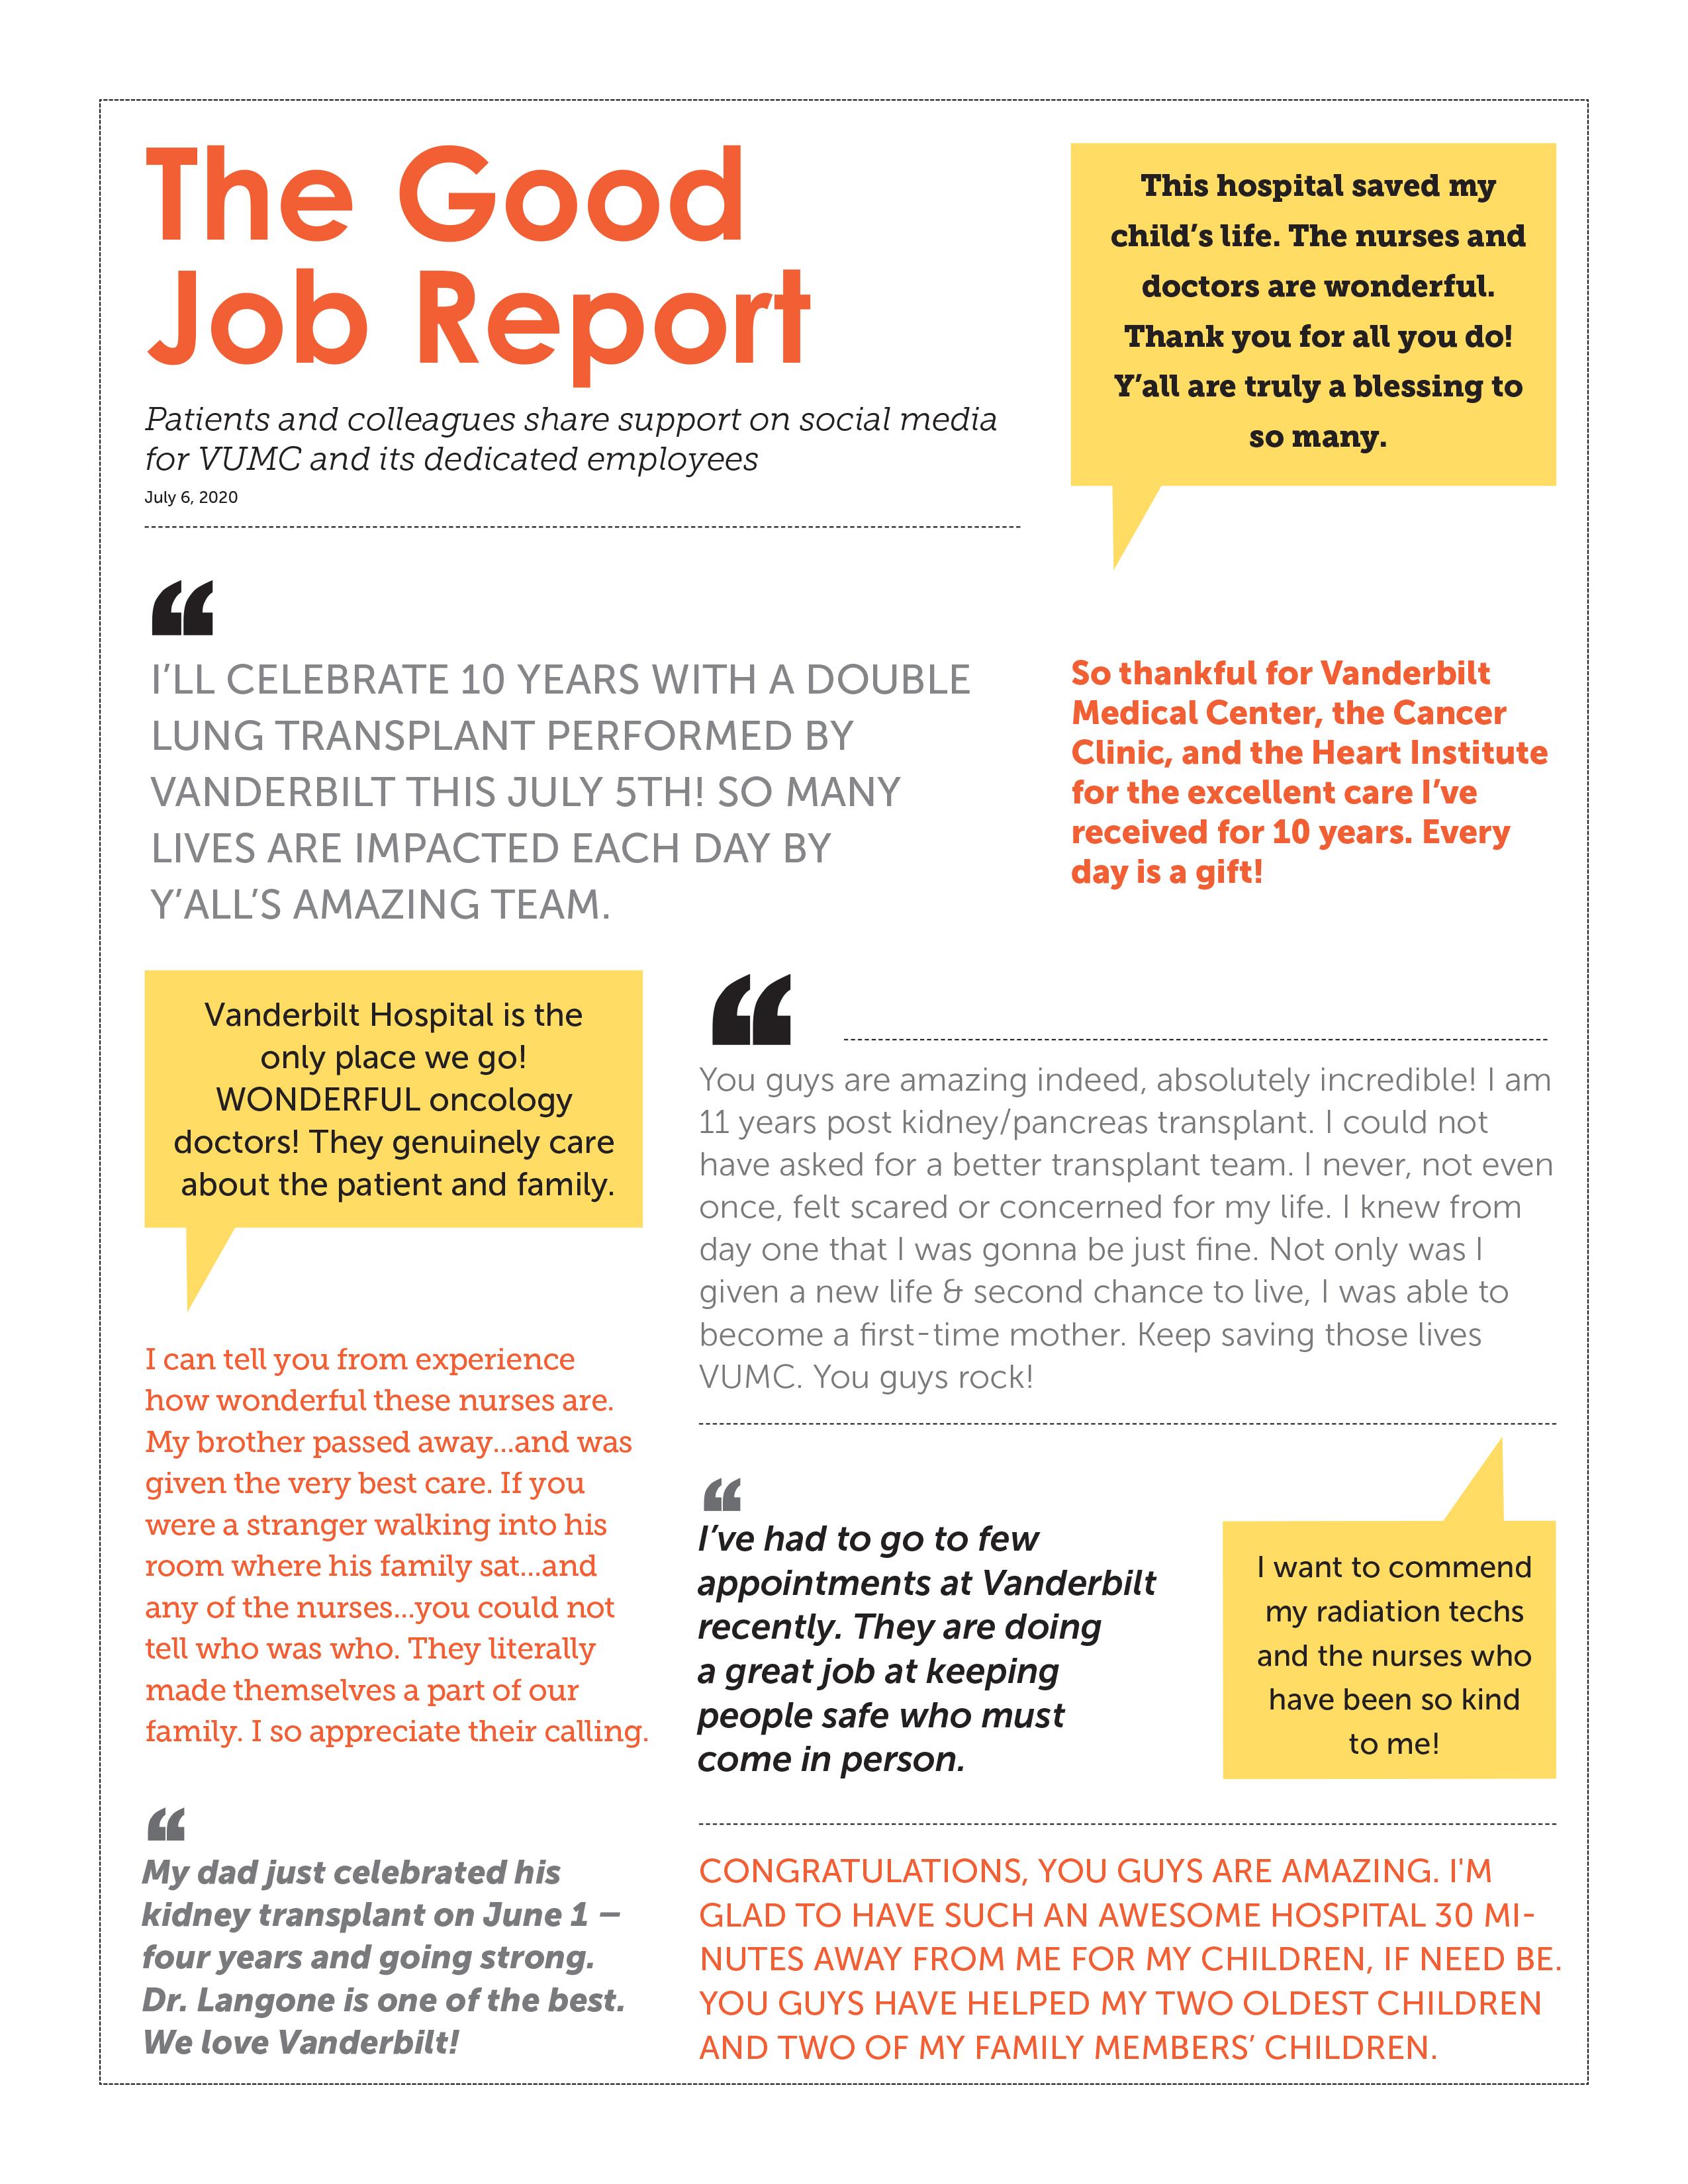 Good Job Report